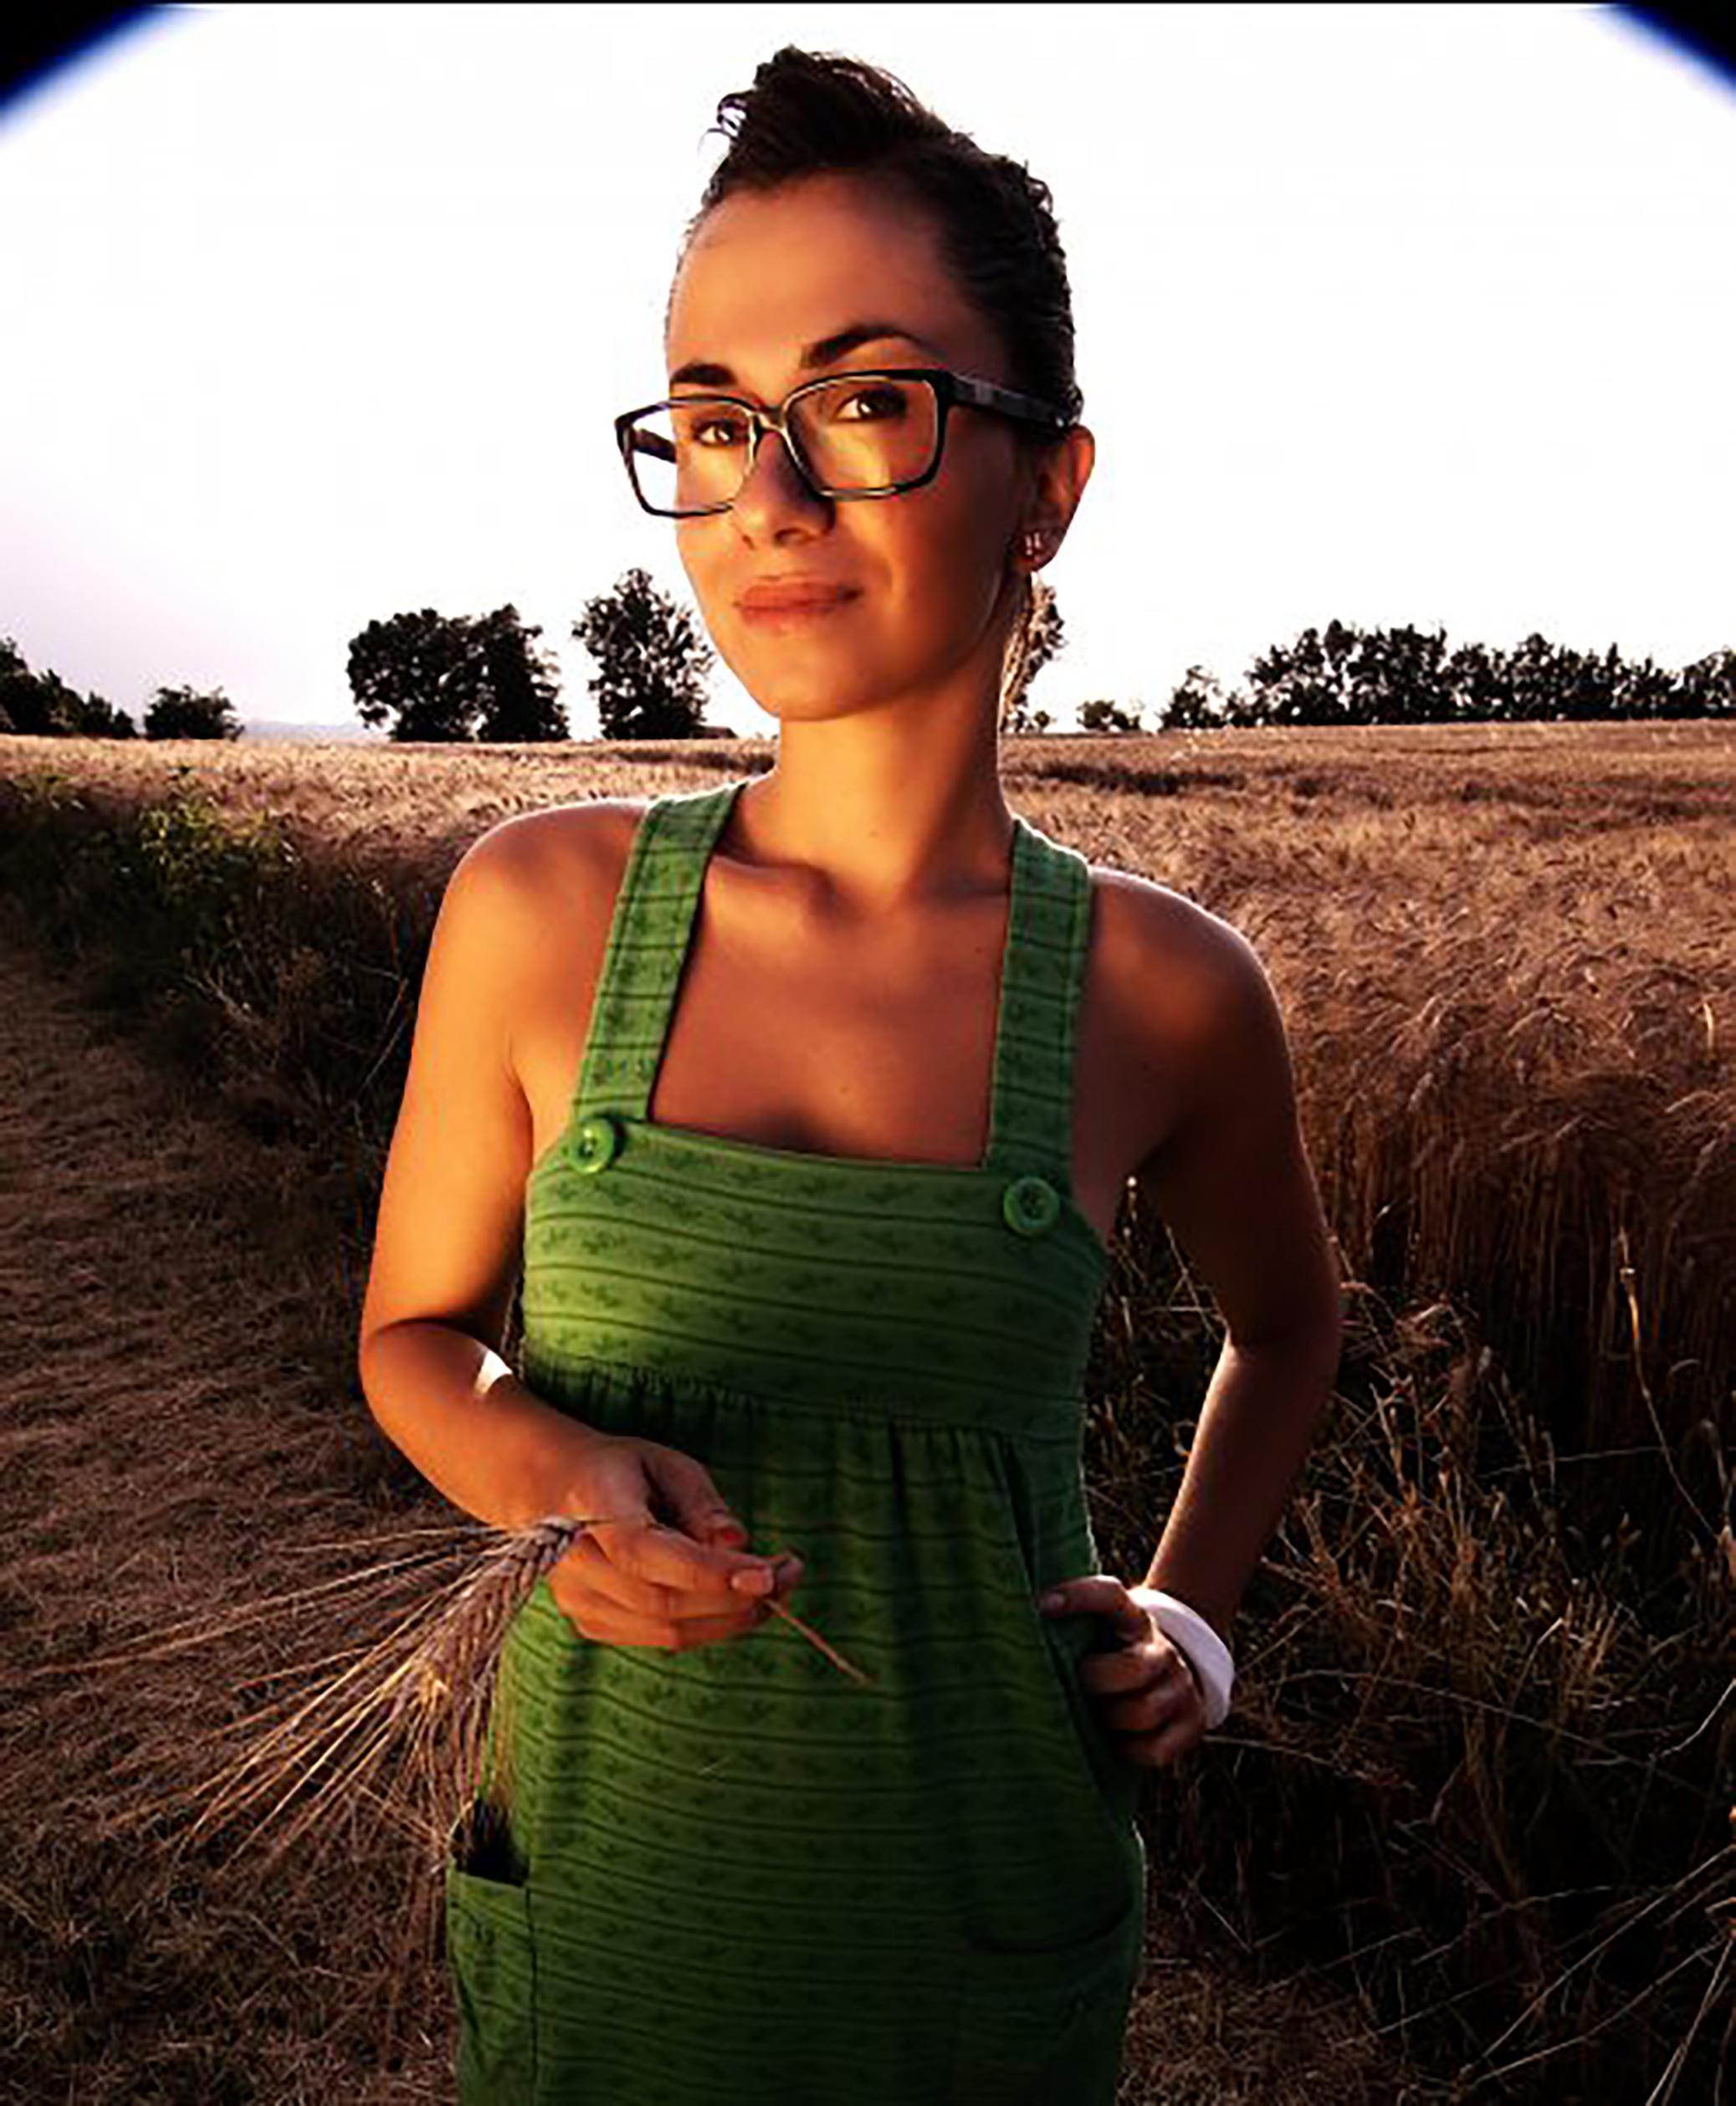 Chiara Galletti